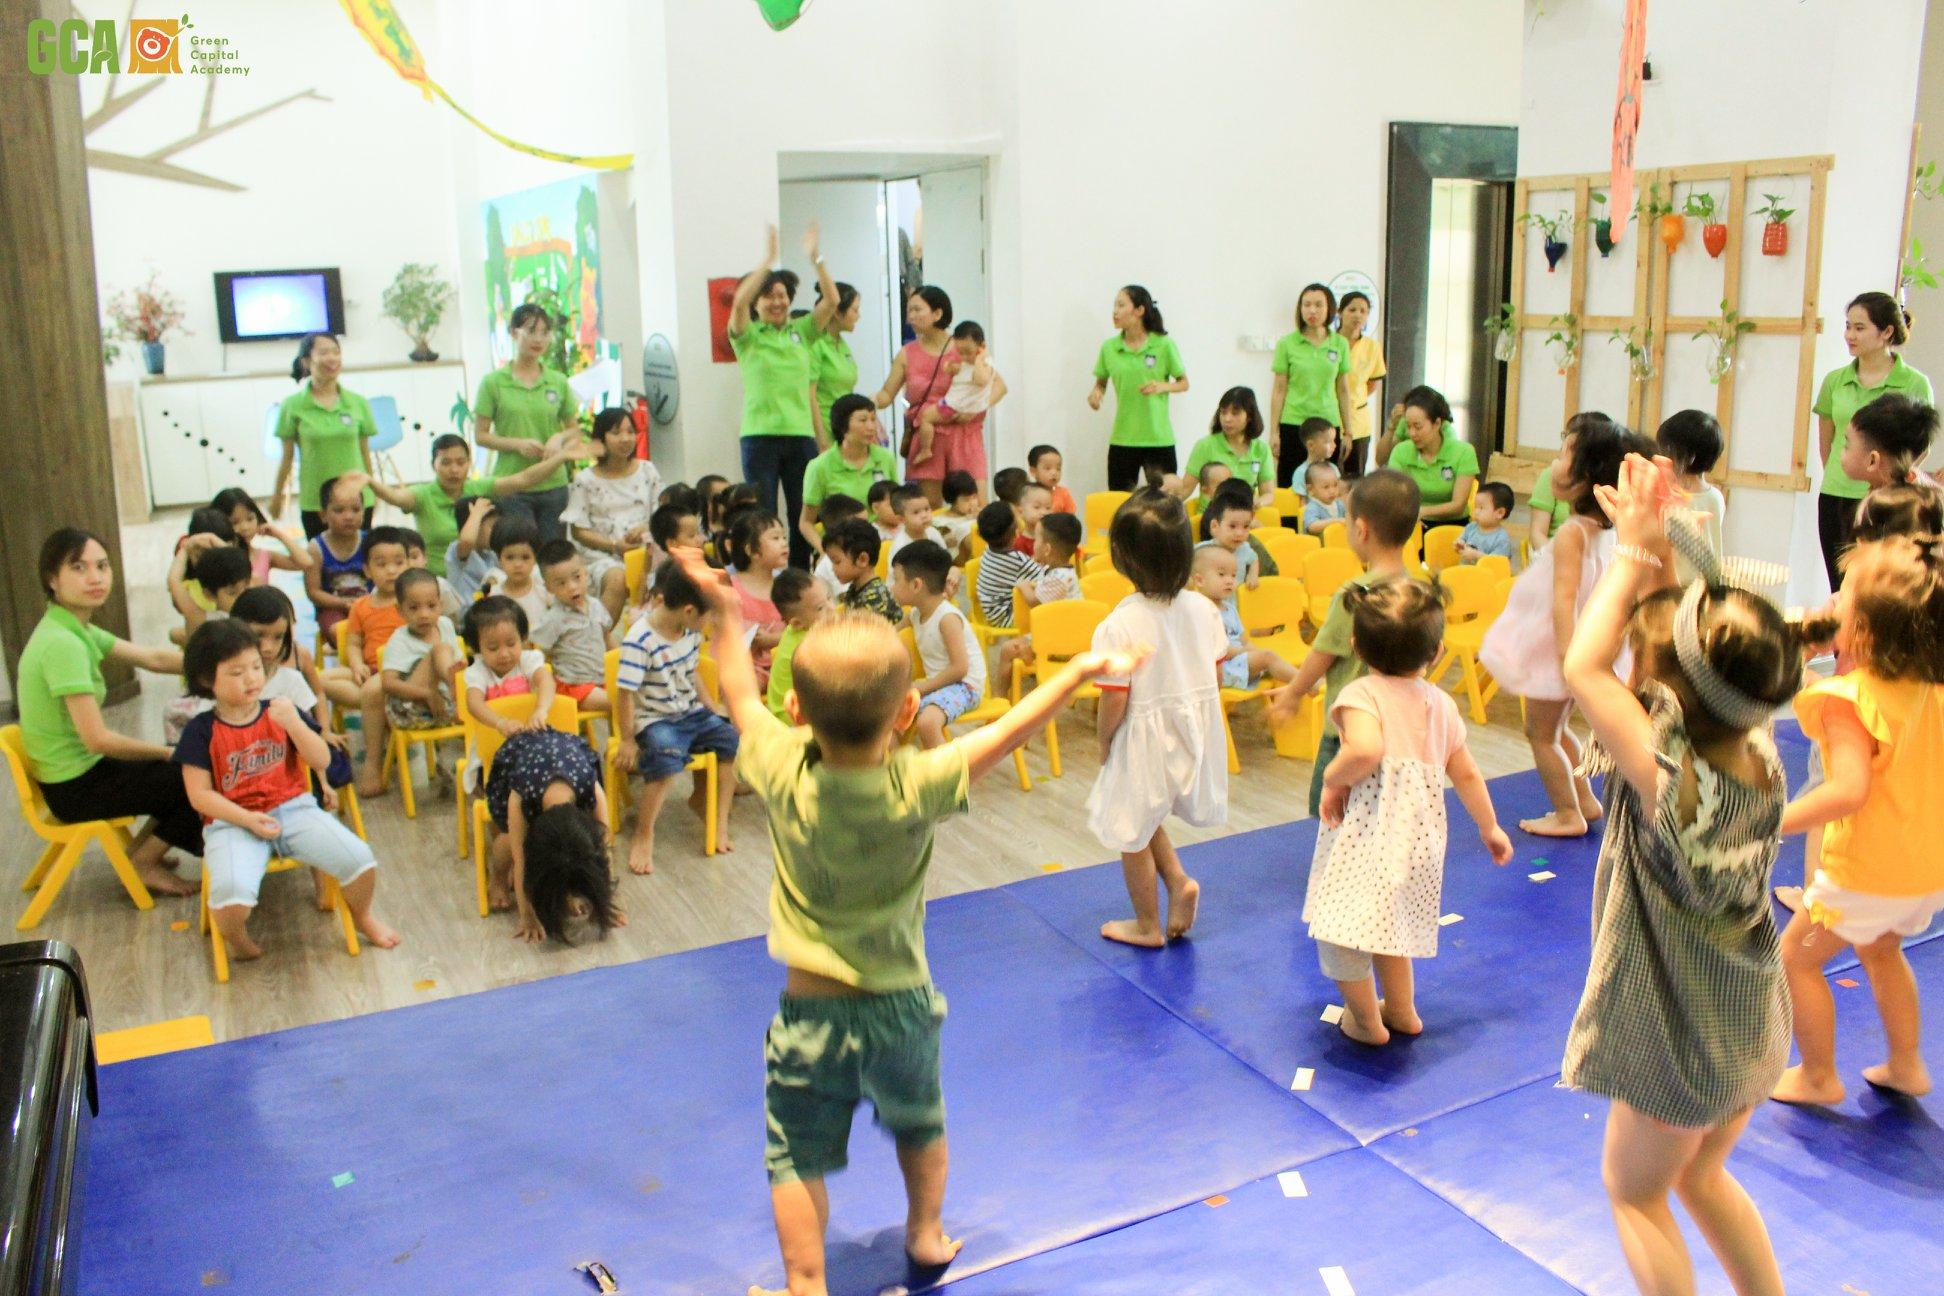 Trường mầm non GCA Ecolife Capital (Học Viện Thủ Đô Xanh) - đường Tố Hữu